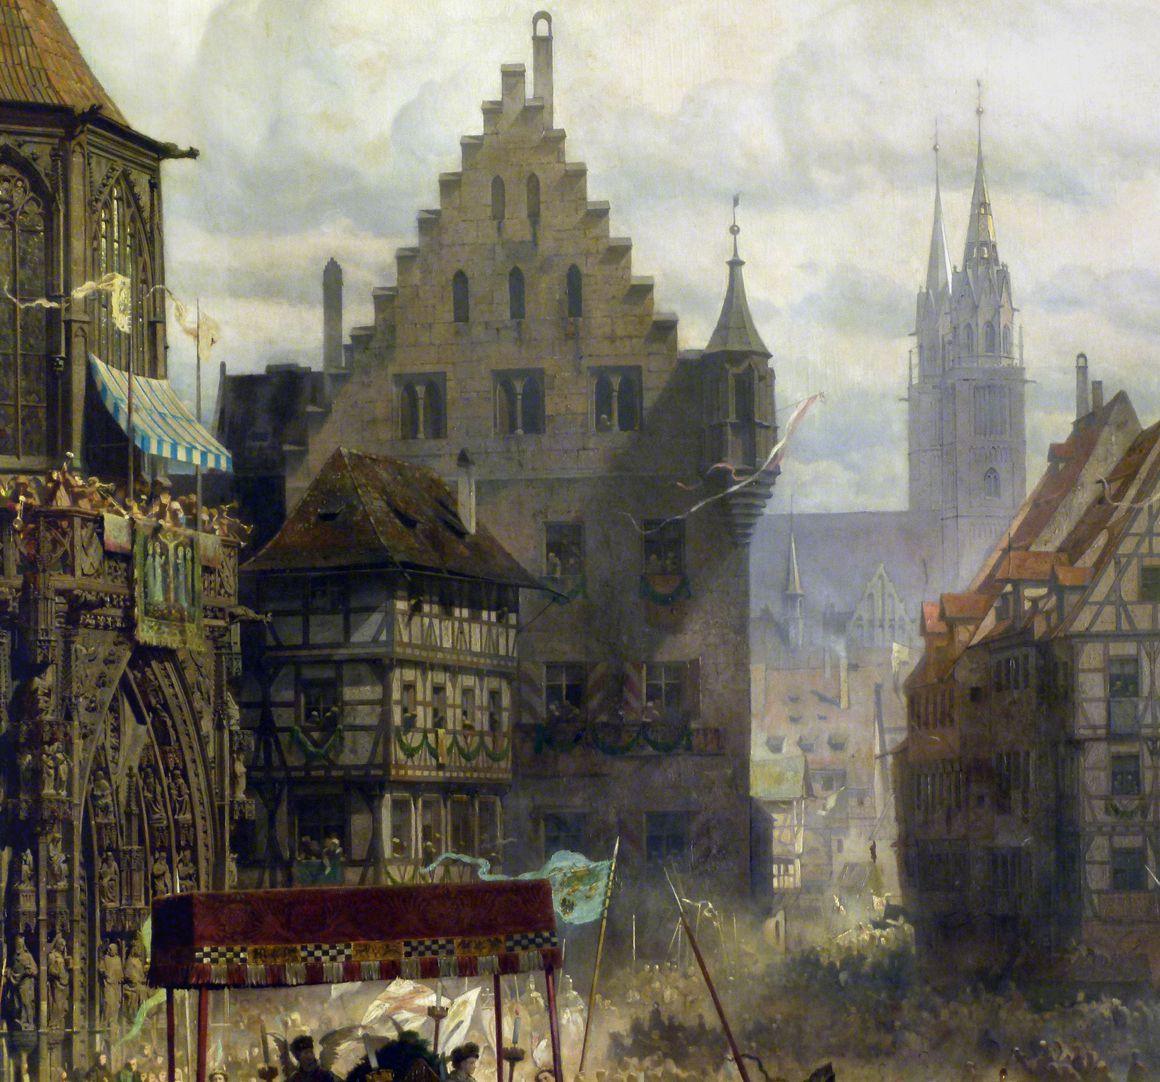 Die Einbringung der Reichskleinodien in Nürnberg am 22. März 1424 Prozession, Blick in die Plobenhofstraße